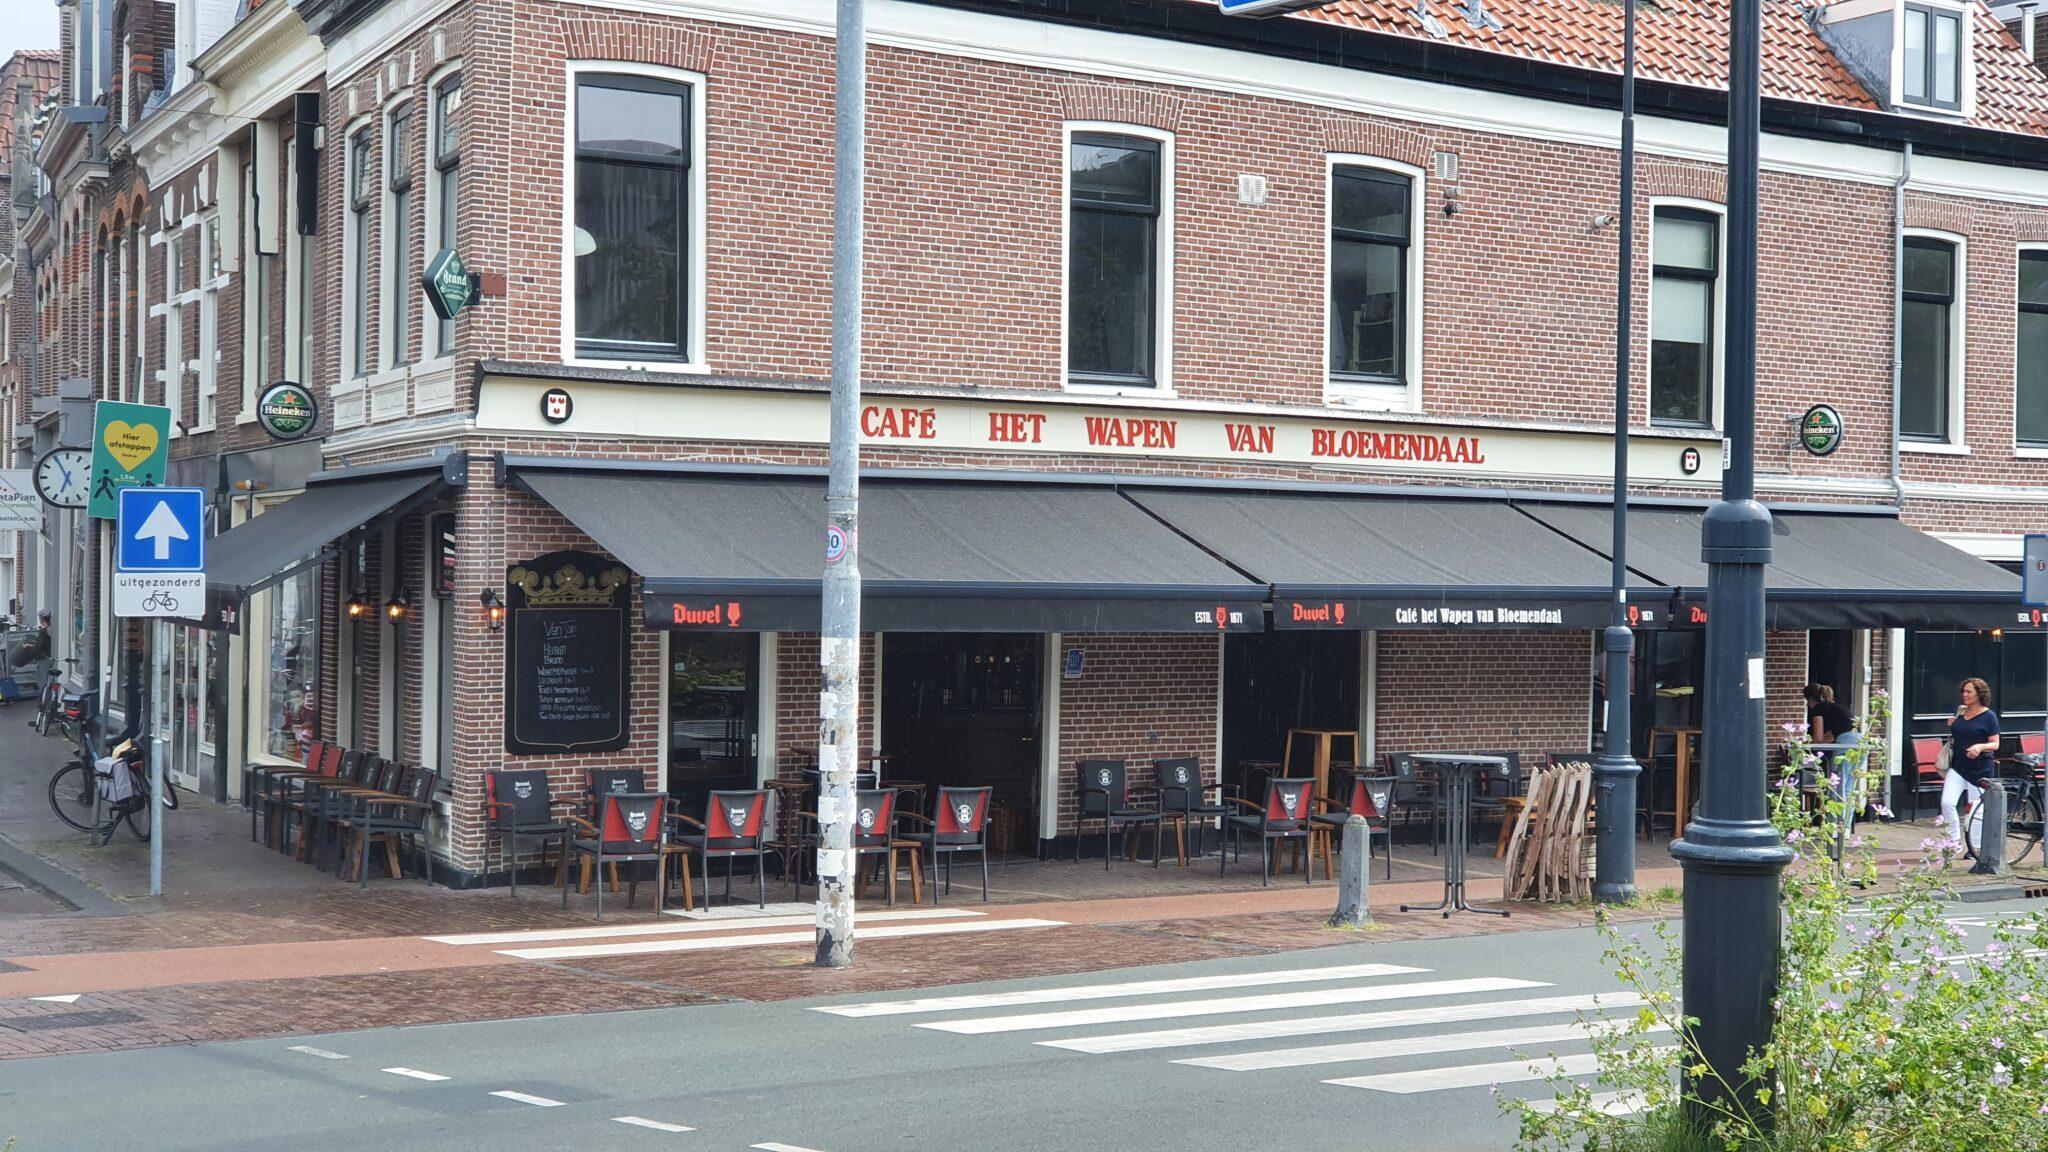 Overdekt terras overdekte terrassen Haarlem Café Het Wapen Van Bloemendaal